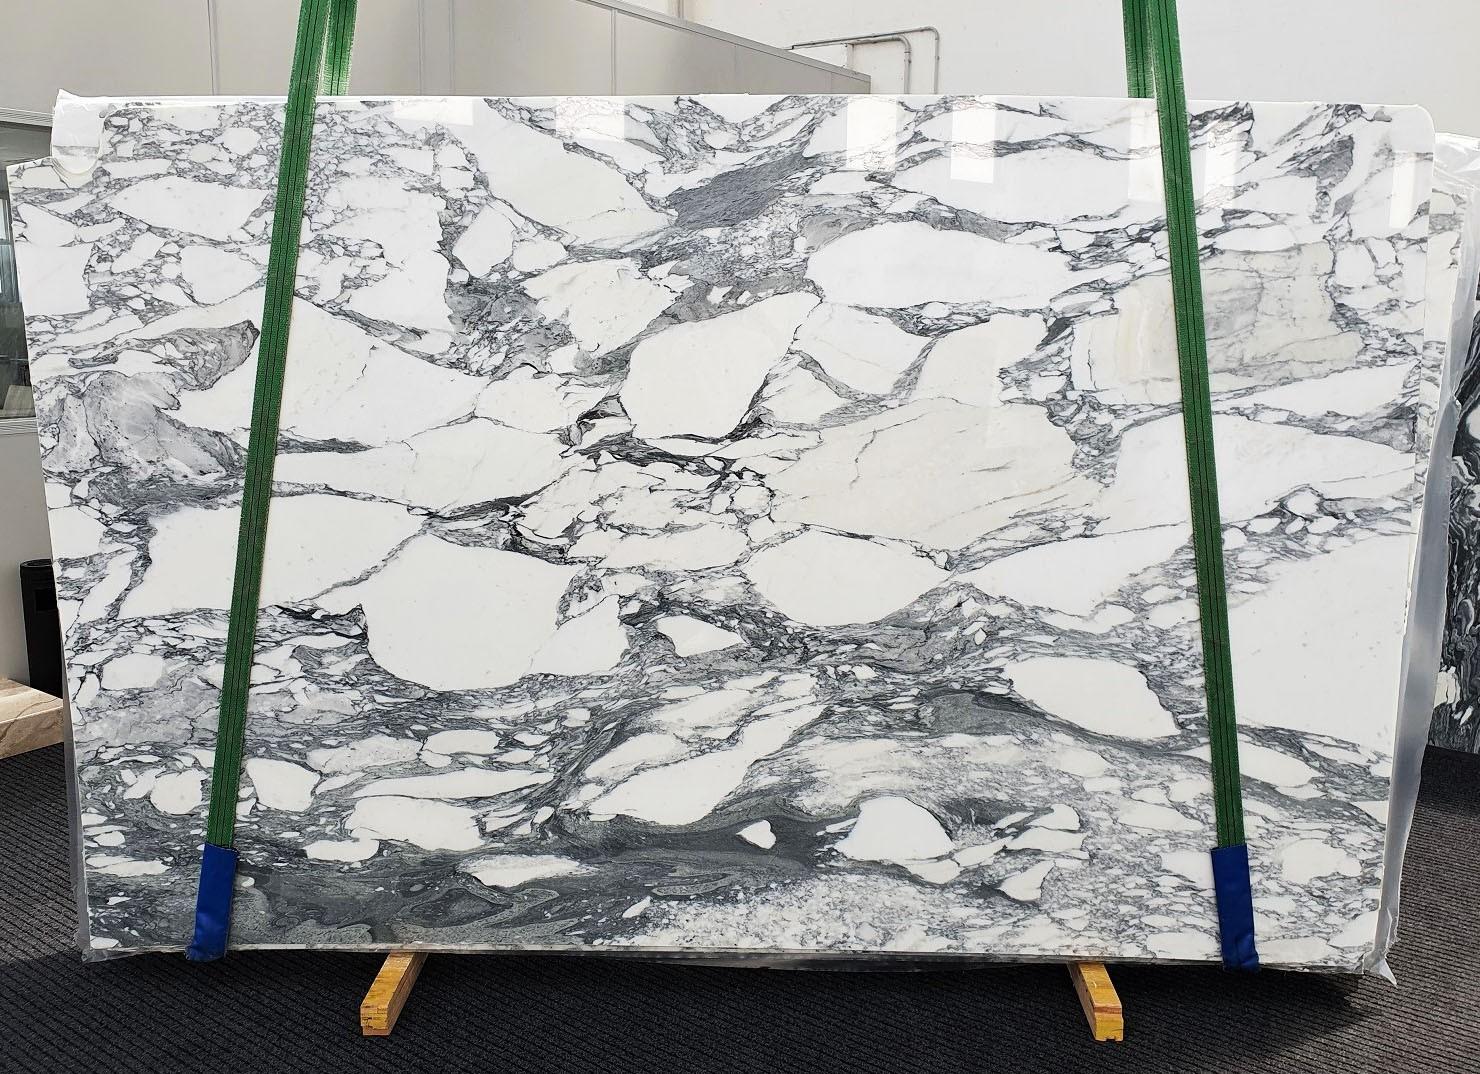 ARABESCATO CORCHIA Suministro Veneto (Italia) de planchas pulidas en mármol natural 1433 , Slab #35